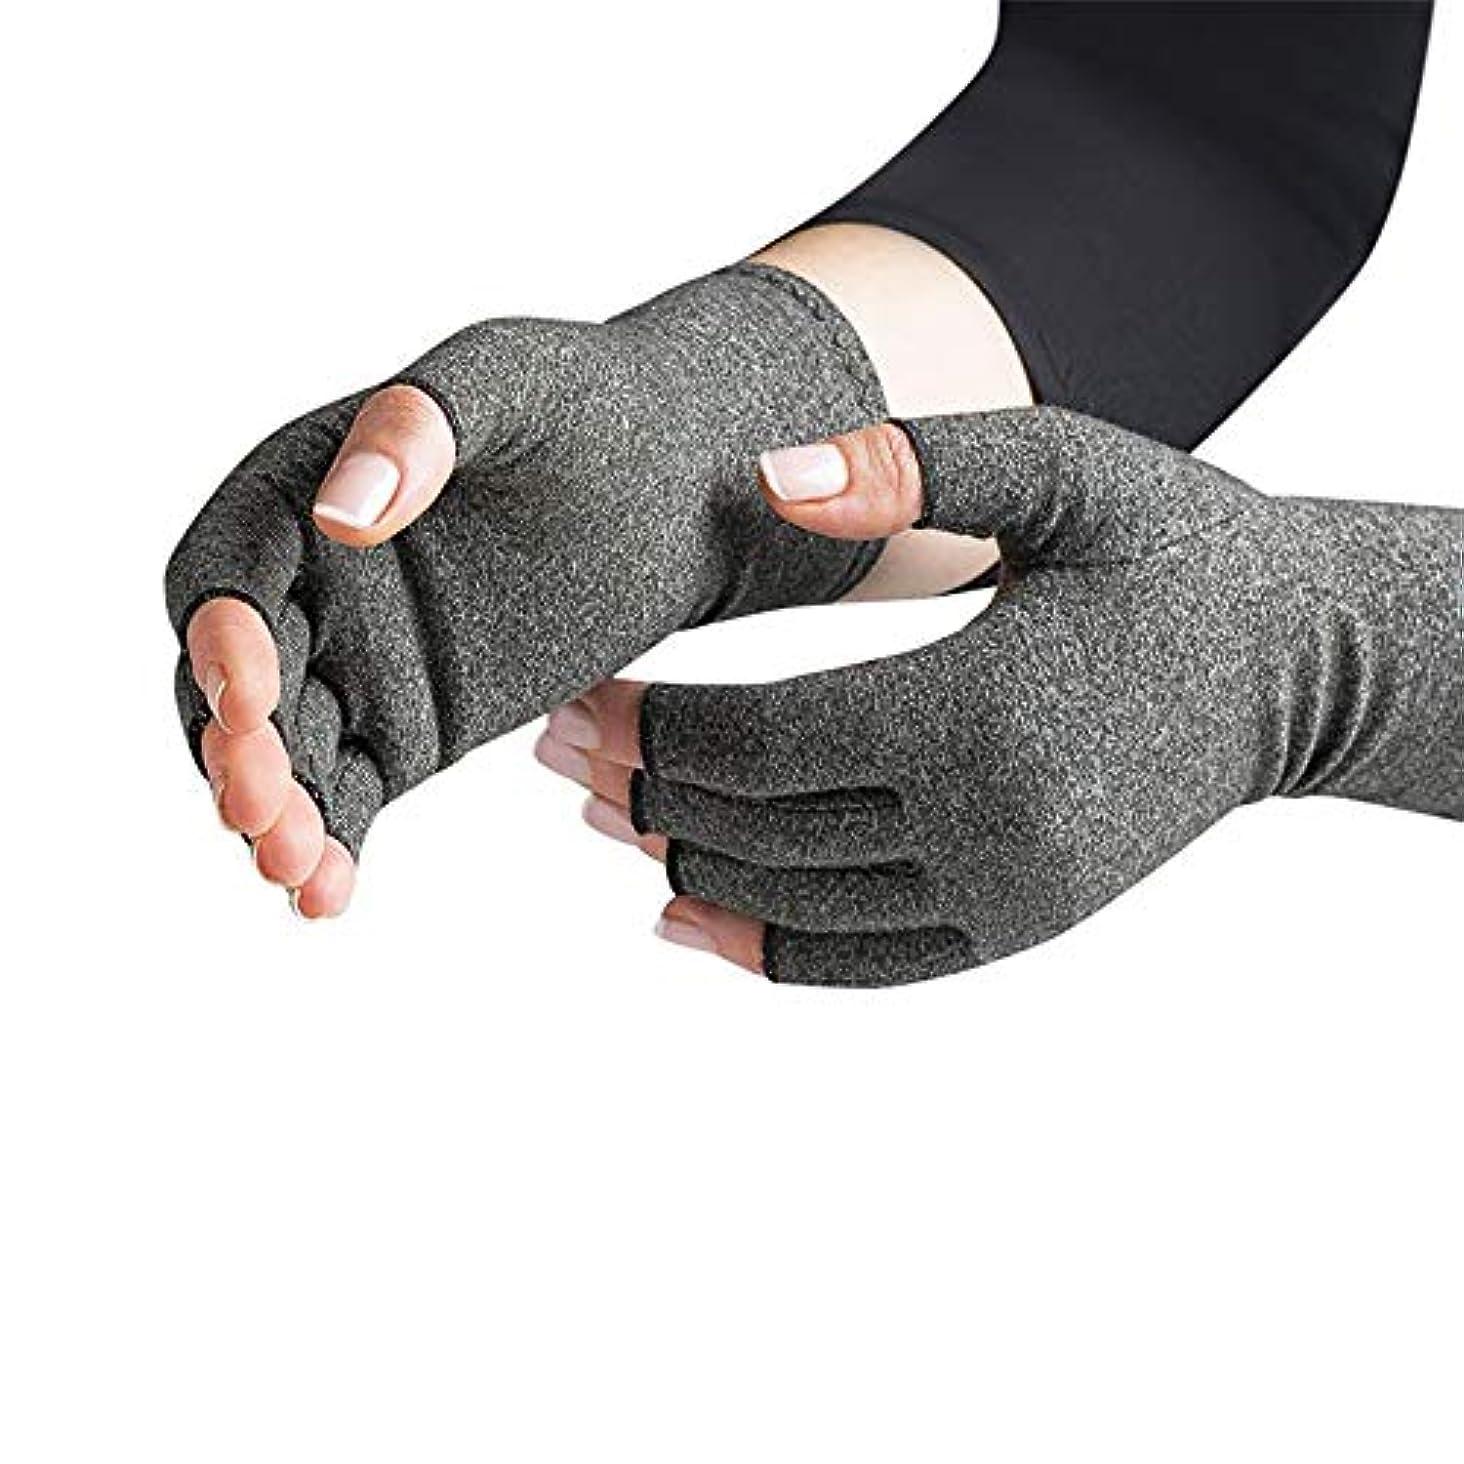 最初は大胆不敵論理的関節炎圧縮手袋-女性と男性のための関節炎の痛みを軽減するハンドウォーマー